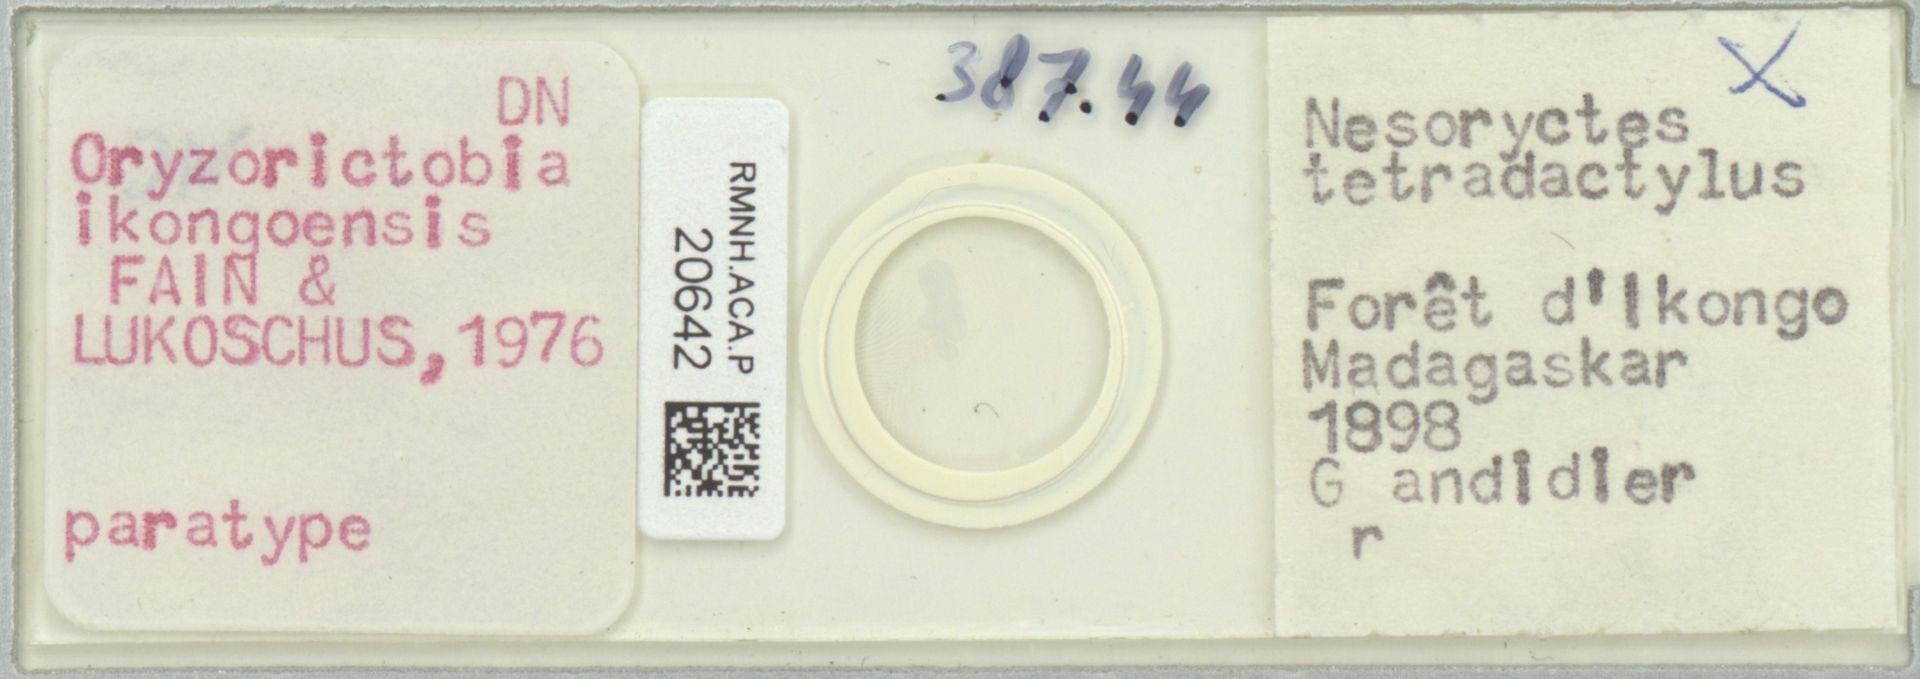 RMNH.ACA.P.20642 | Oryzorictobia ikongoensis